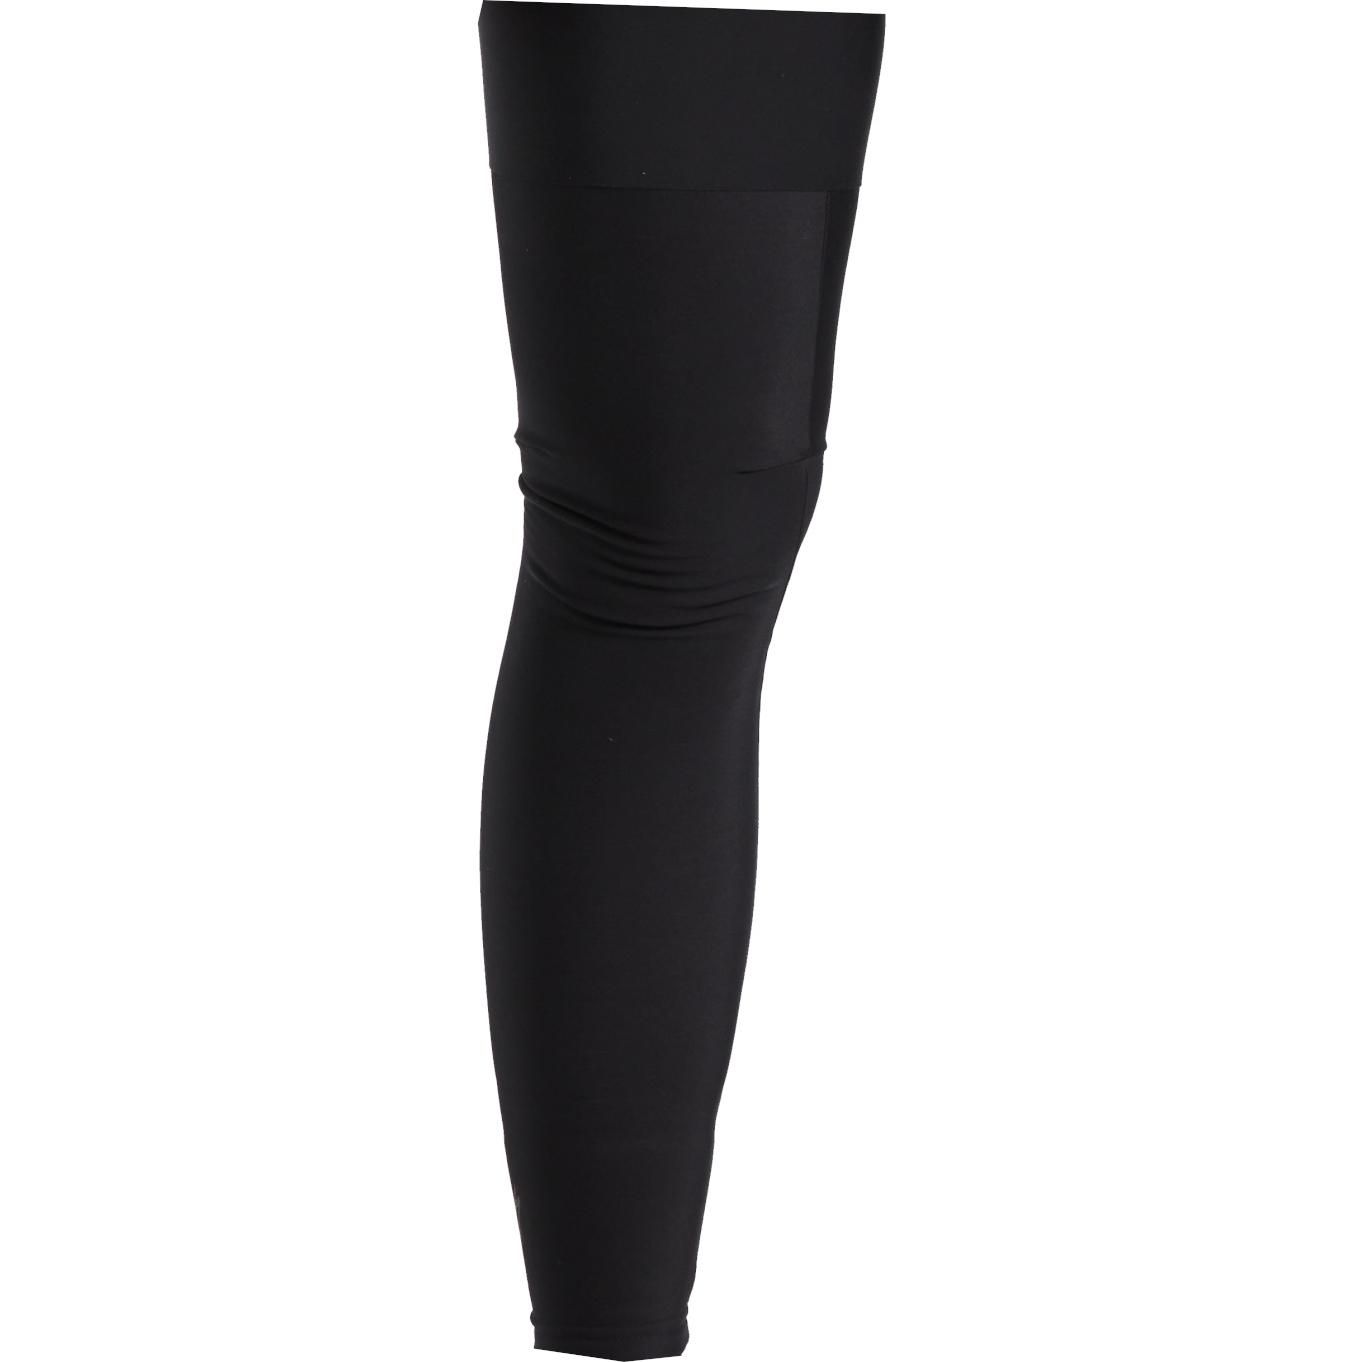 Produktbild von Specialized Thermal Beinlinge - schwarz